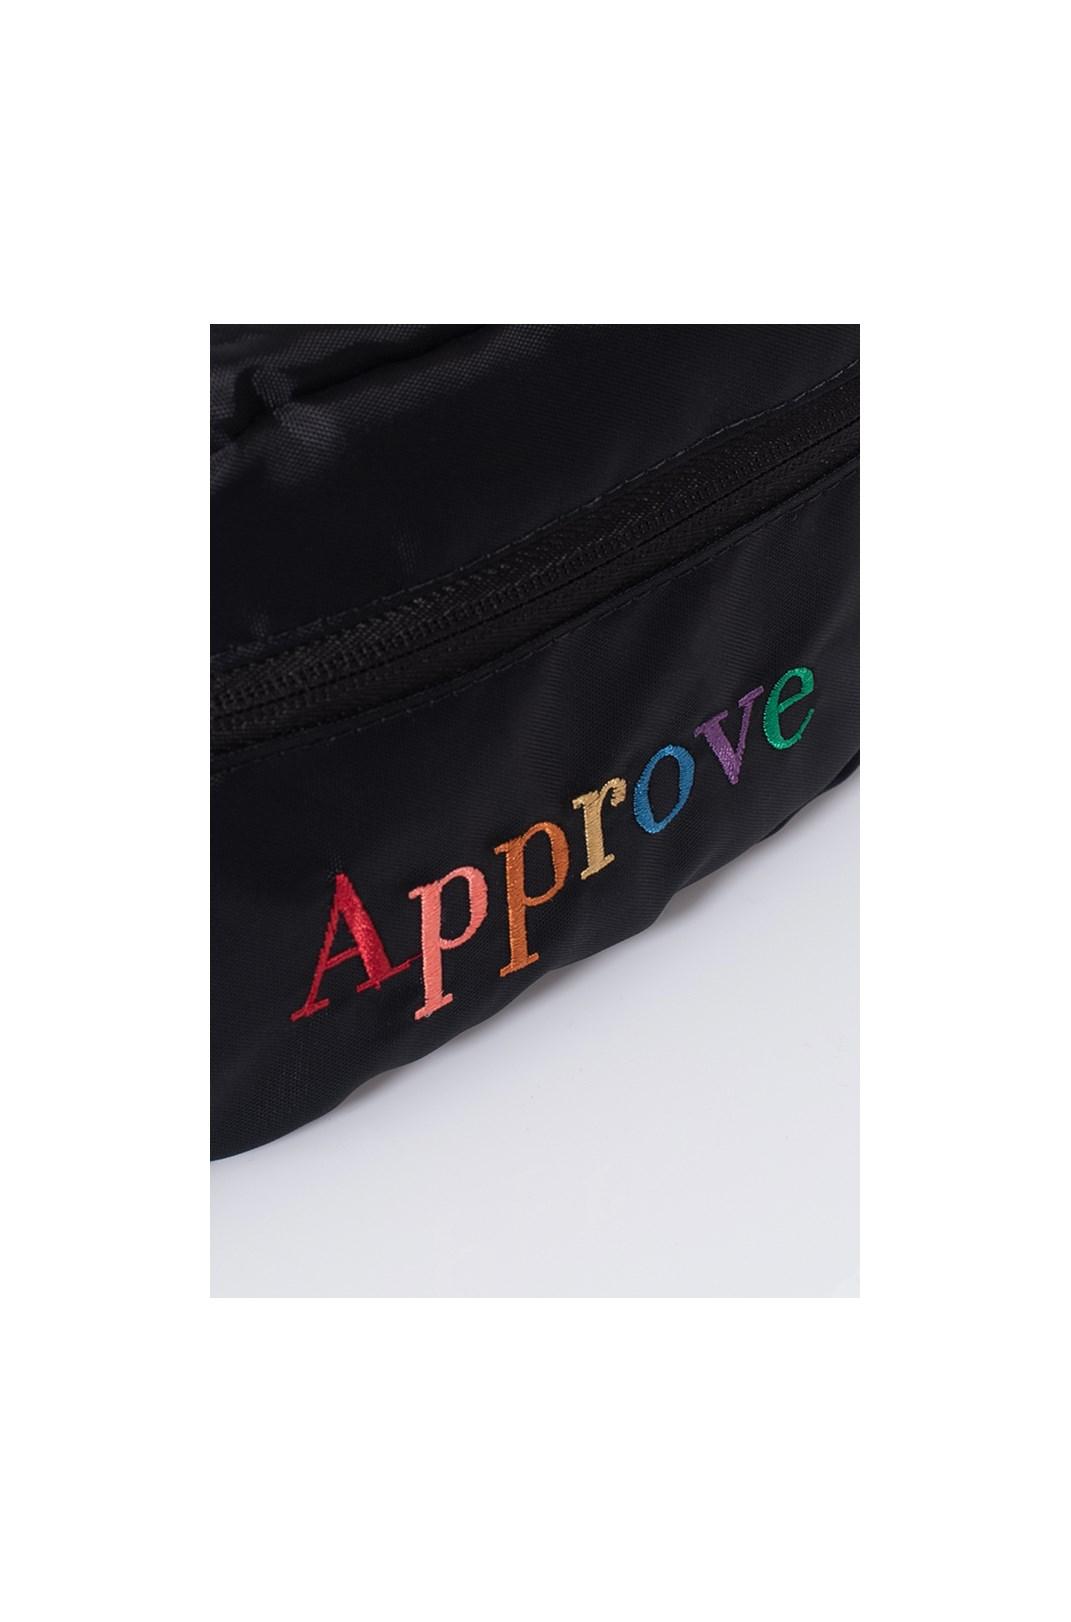 Pochete Approve Rainbow Preta